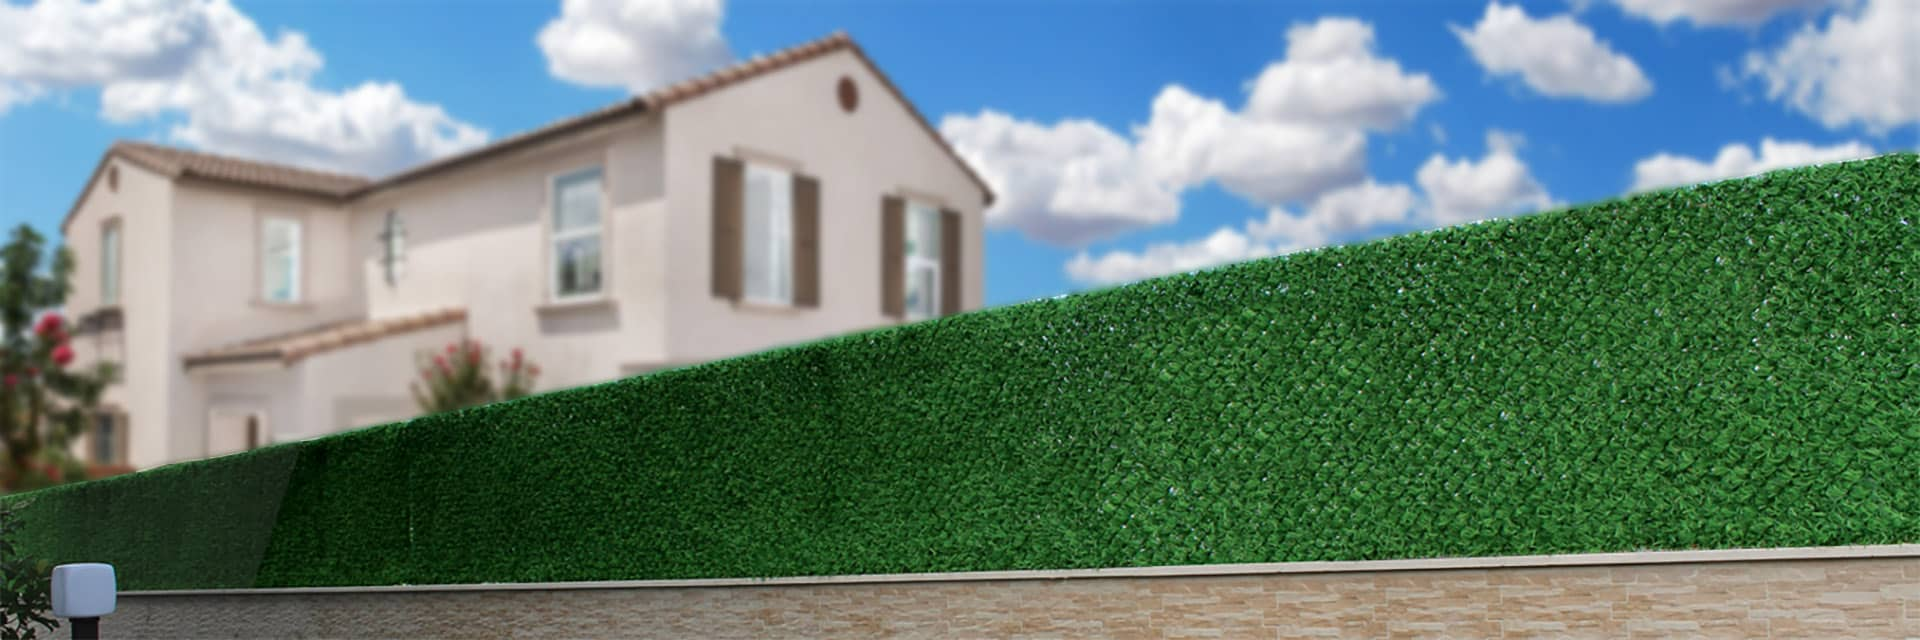 GrassFence